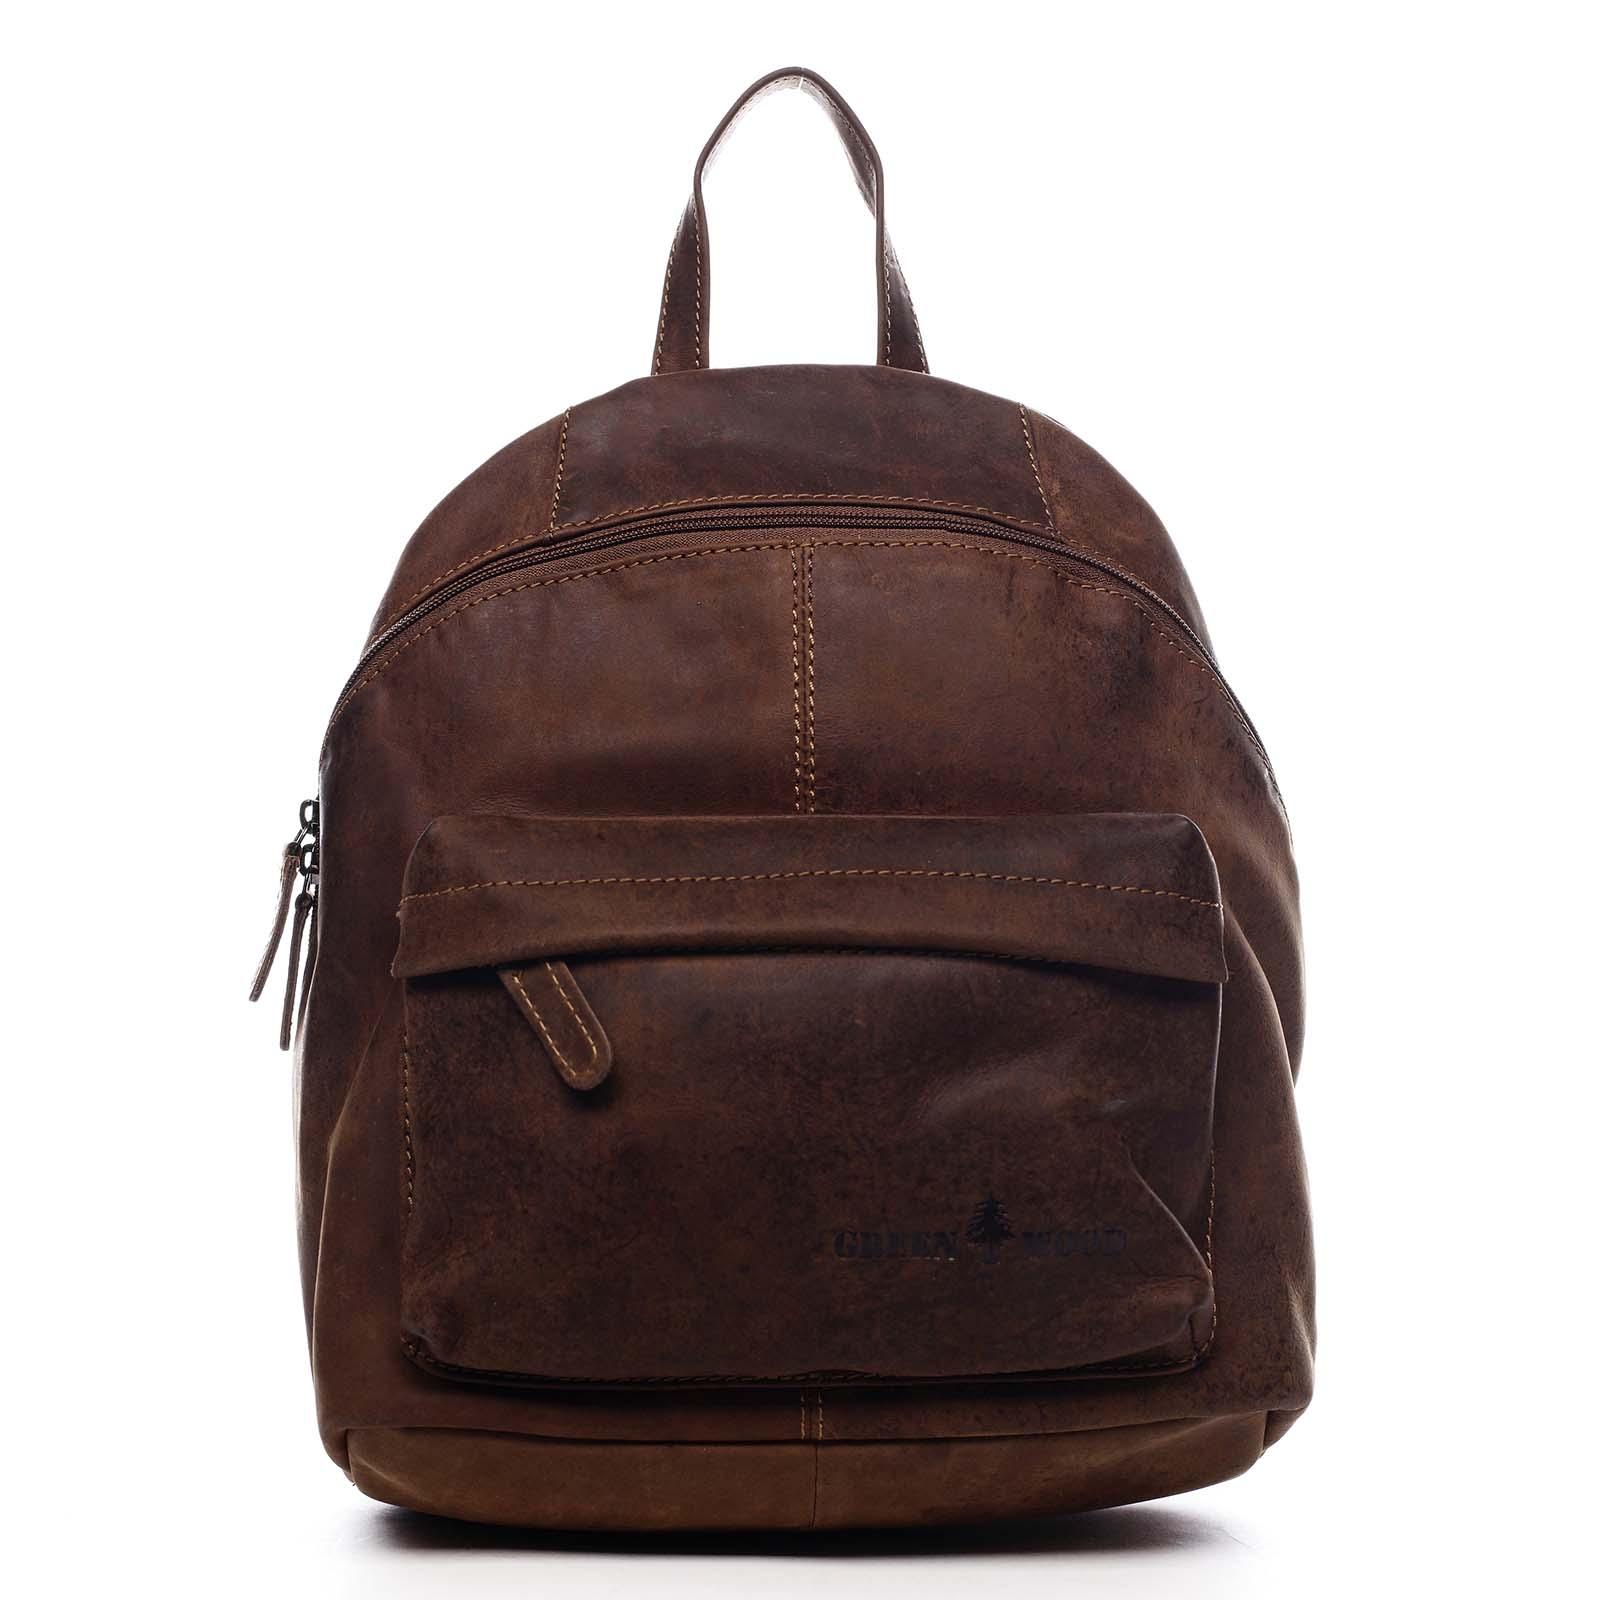 Dámsky kožený batoh hnedý - Greenwood Franz